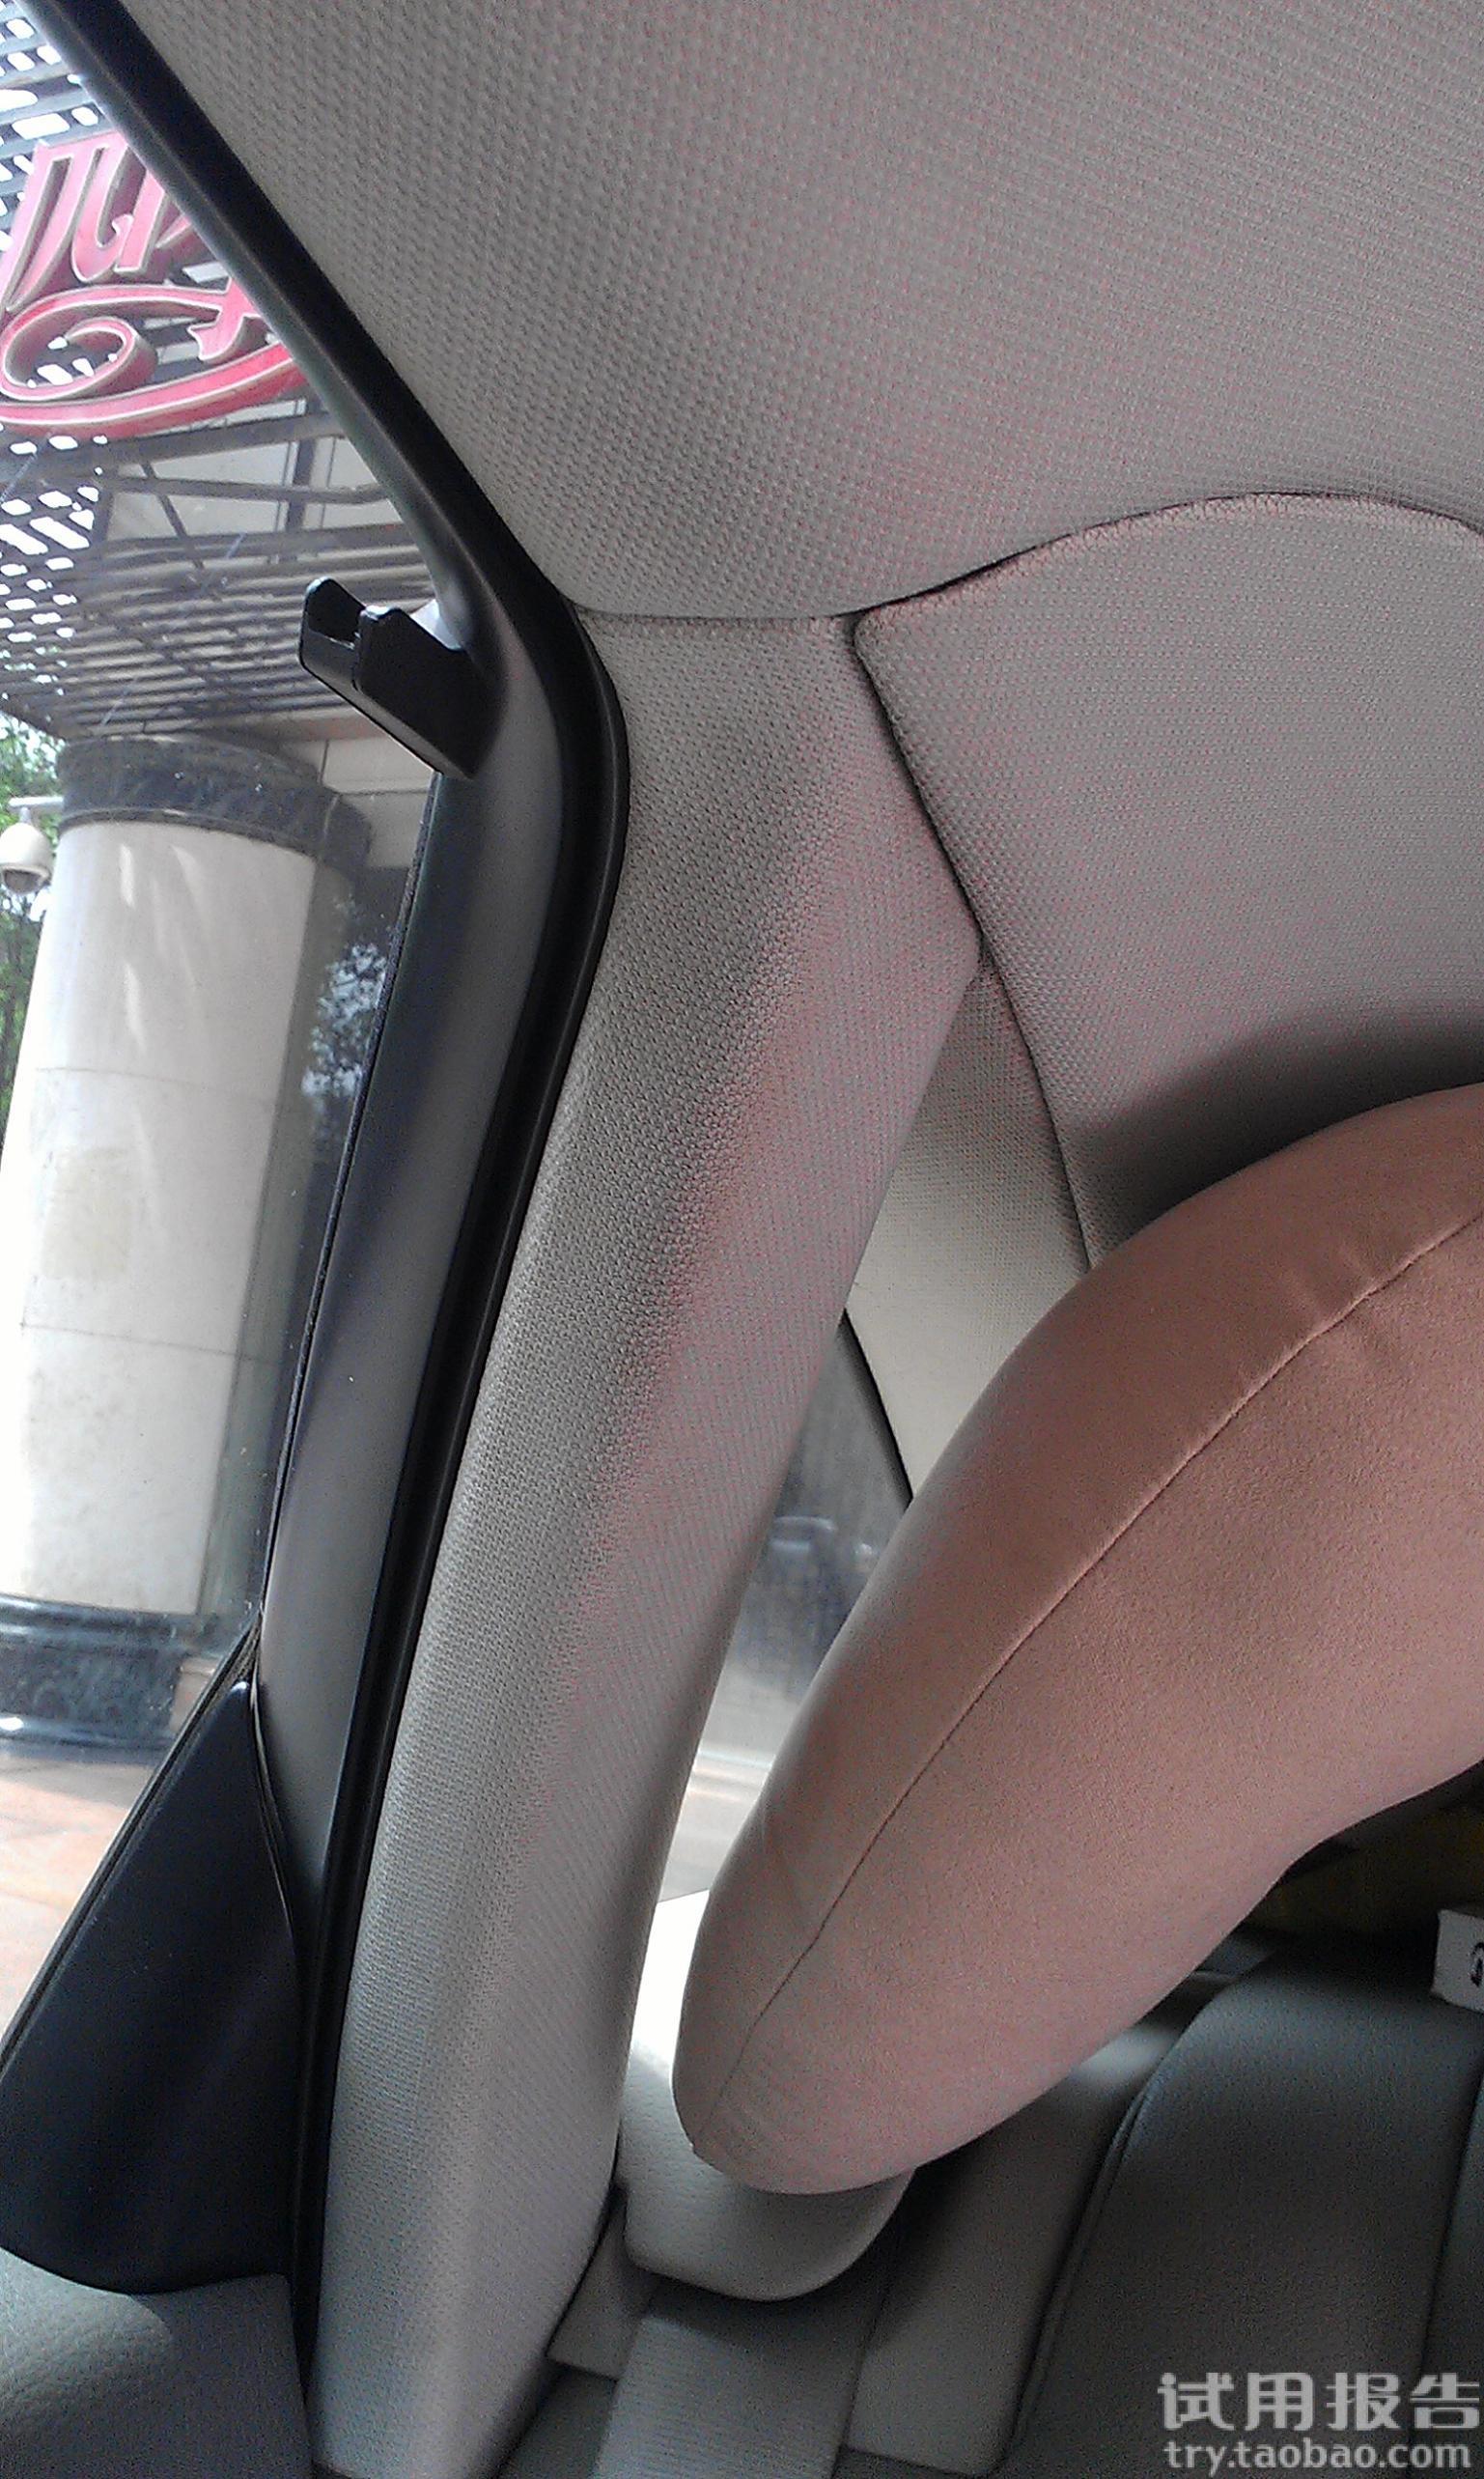 麦斯格林奥因光触媒除甲醛喷剂除车内甲醛详细体验